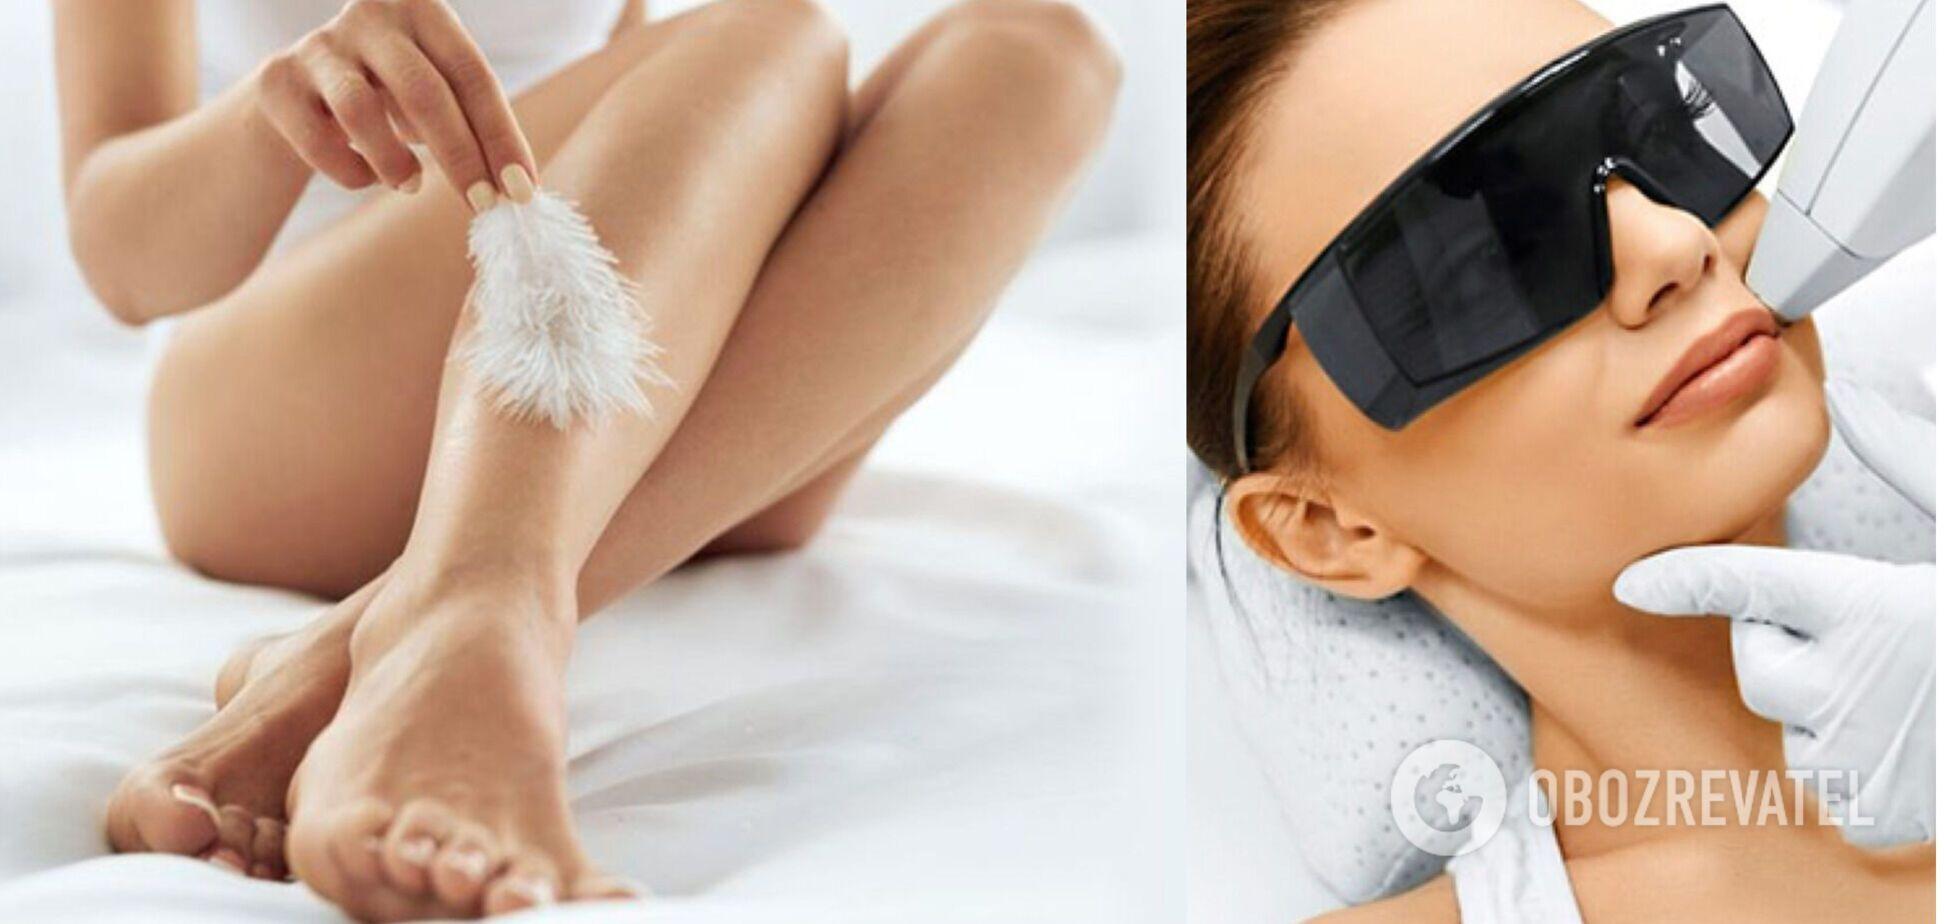 Когда лазерная депиляция опасна: косметолог озвучила список причин